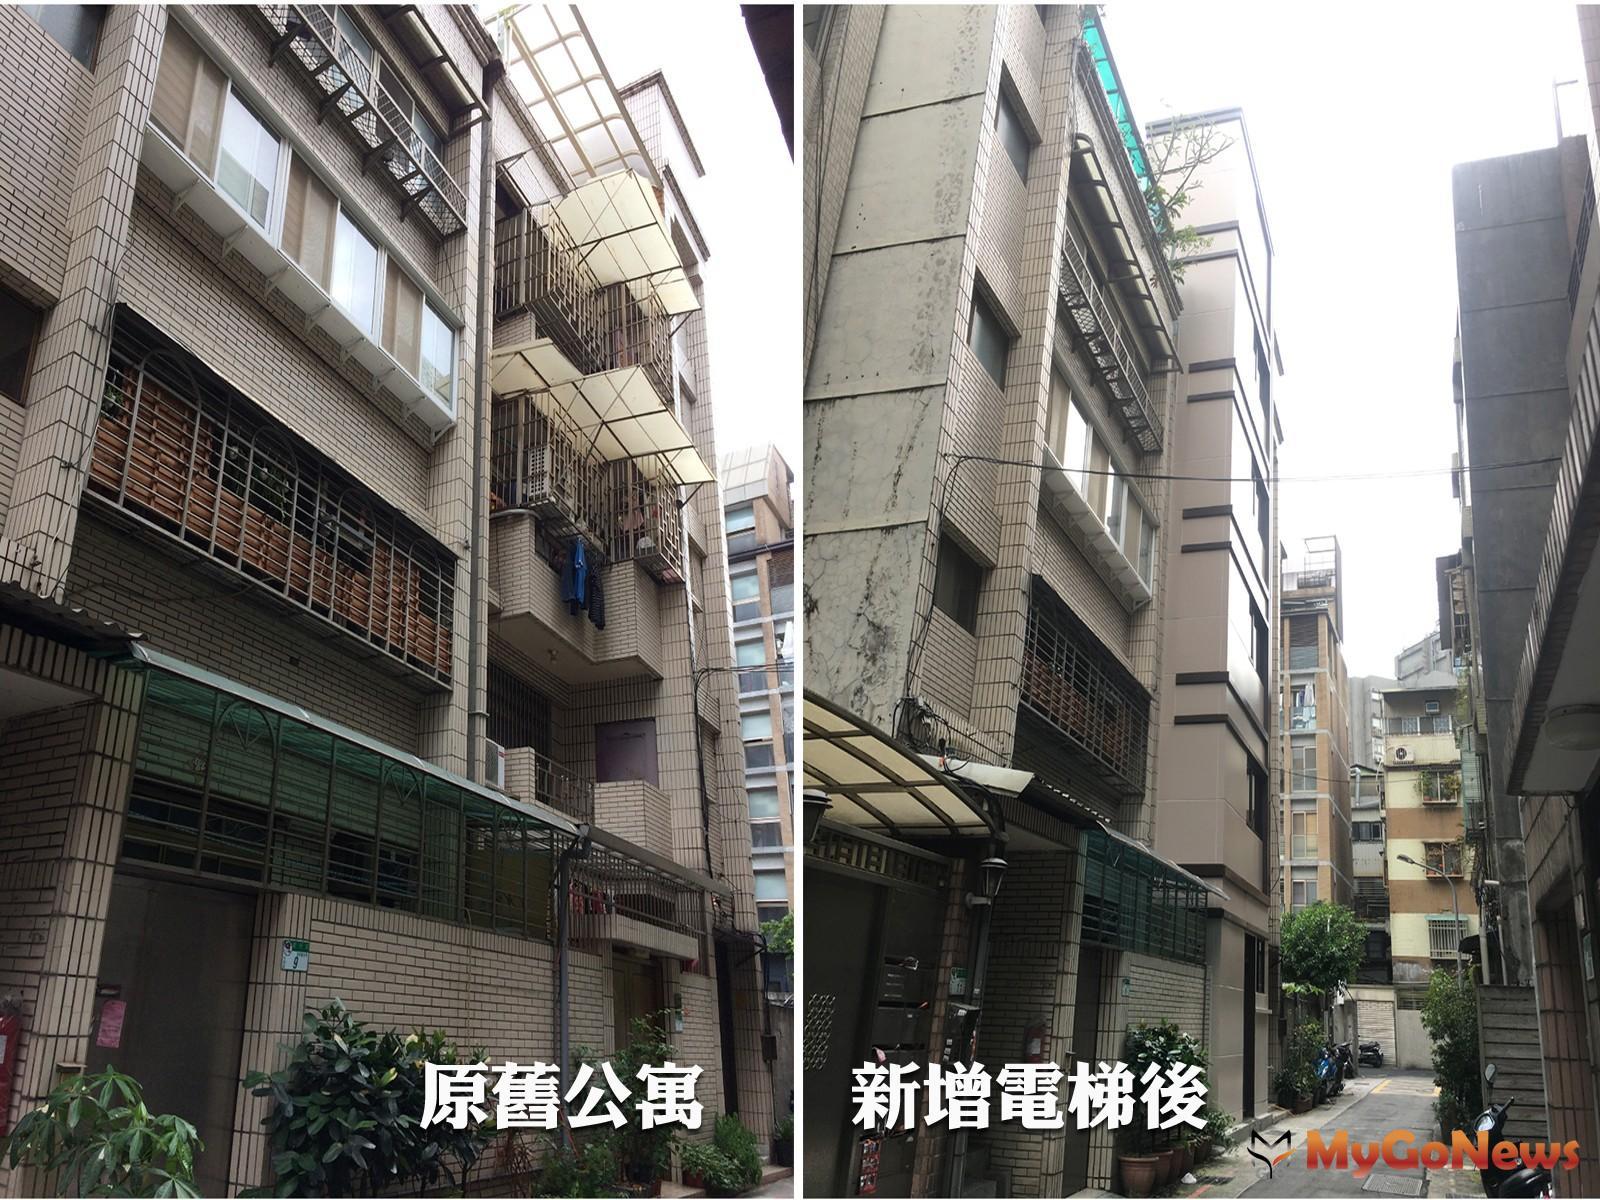 住戶團結達成共識 老公寓增設電梯成真!(圖:台北市政府) MyGoNews房地產新聞 區域情報